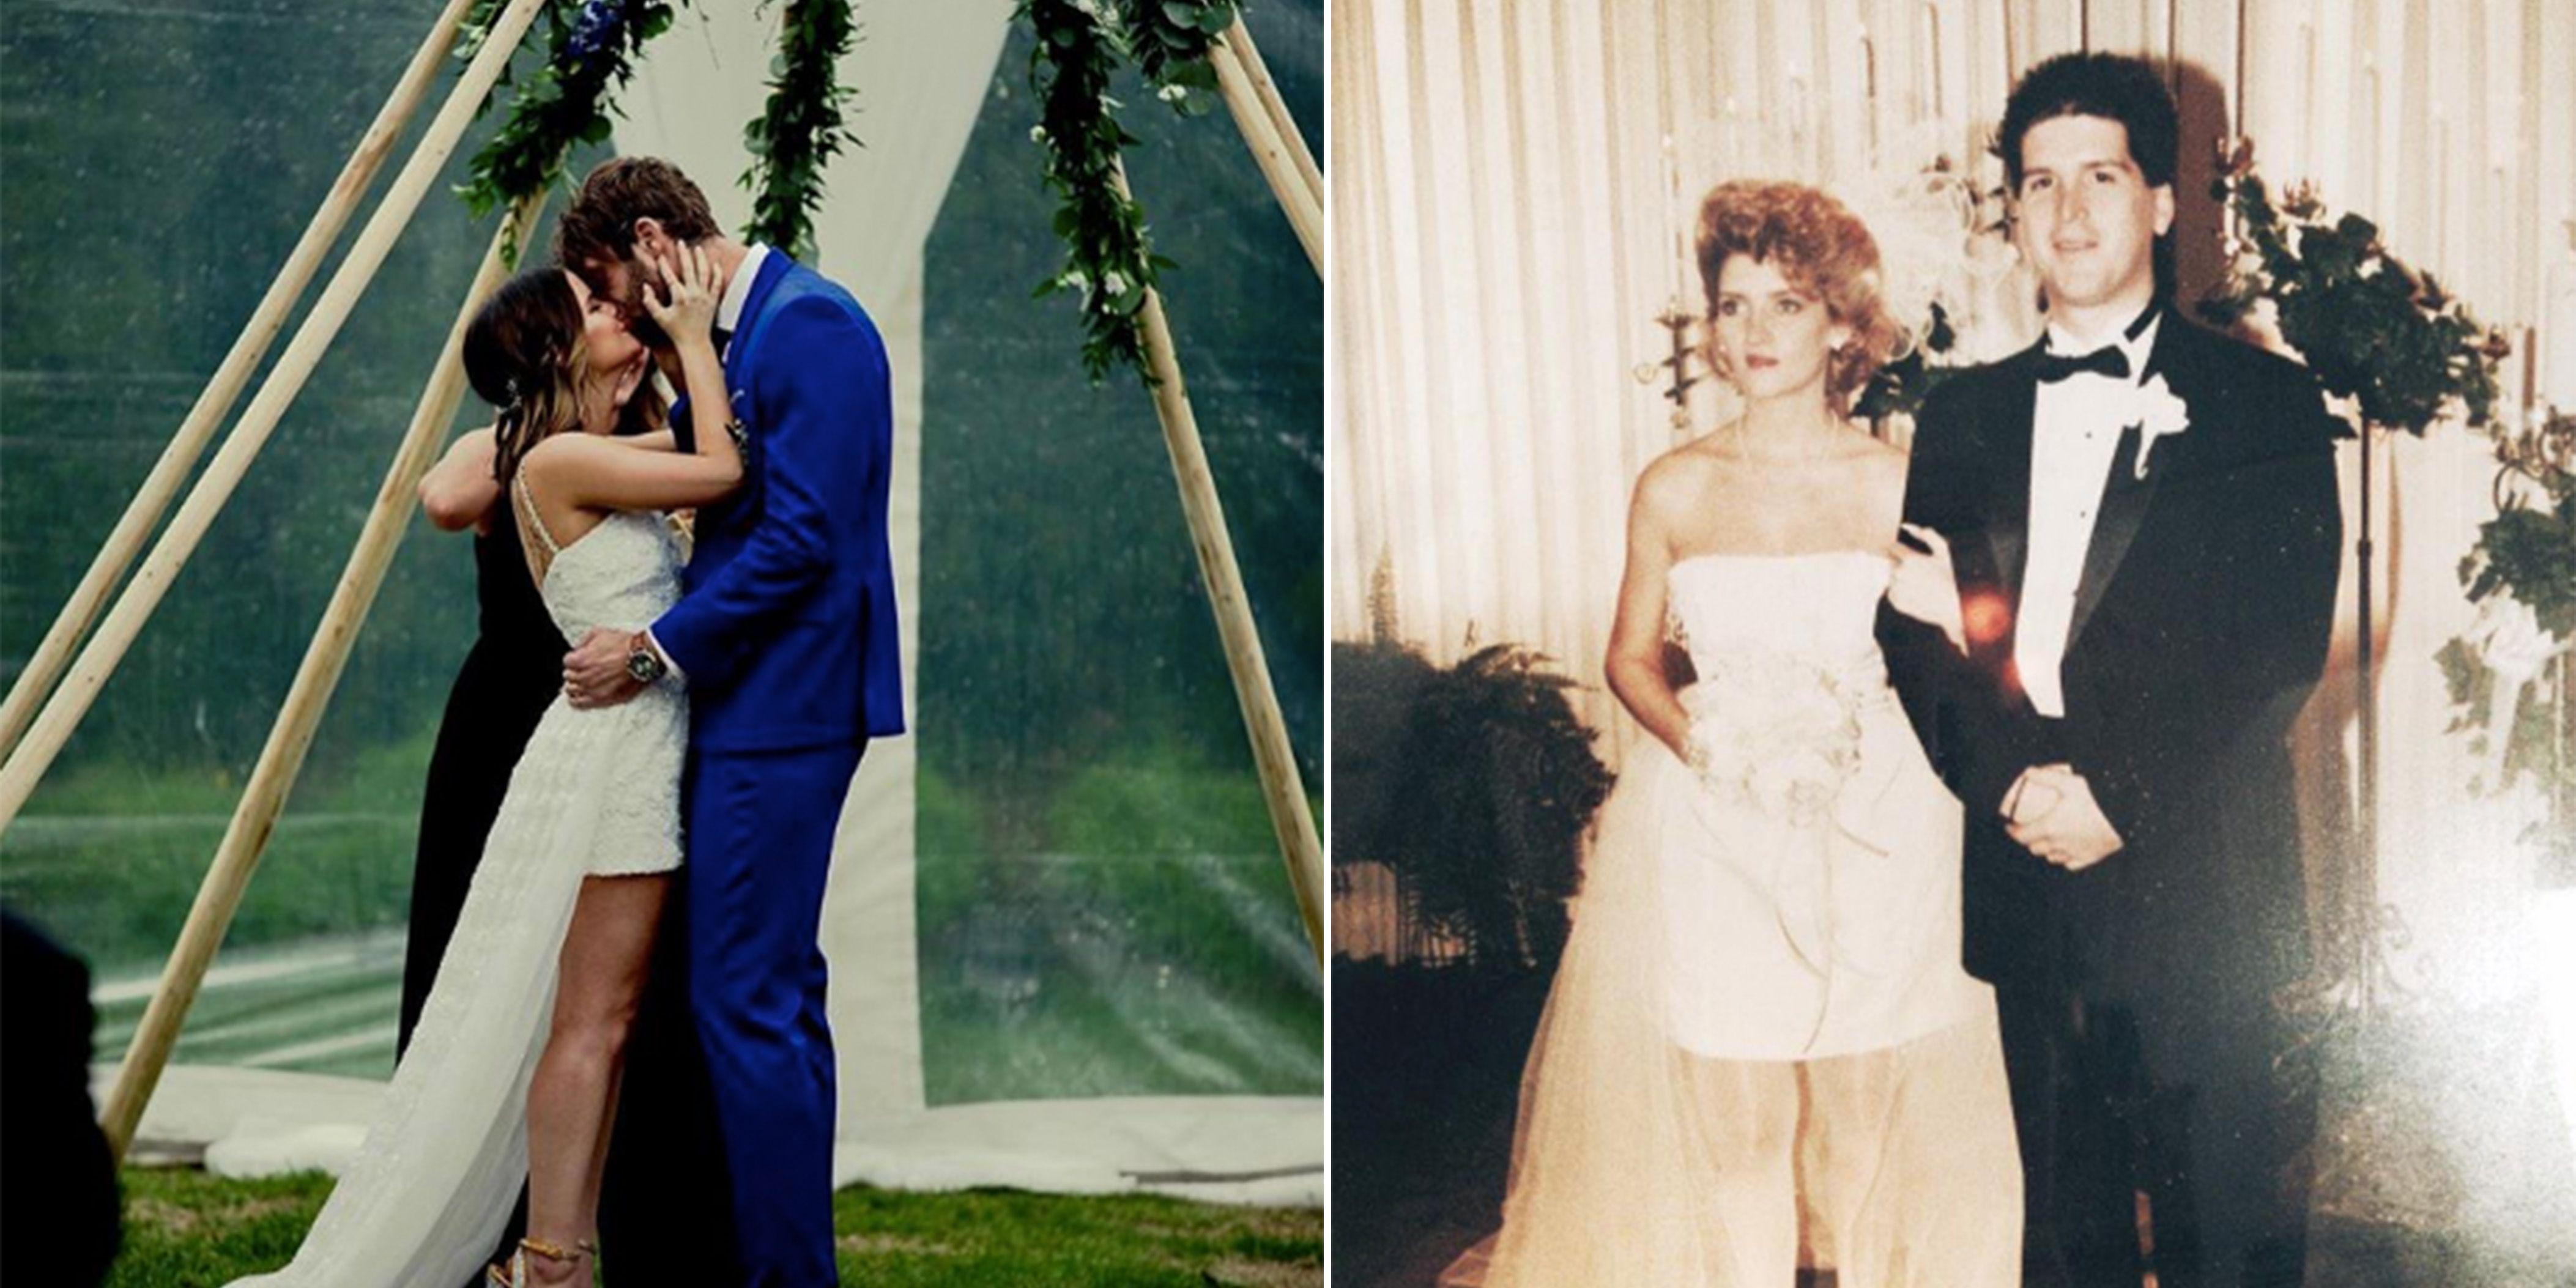 maren morris wedding dress